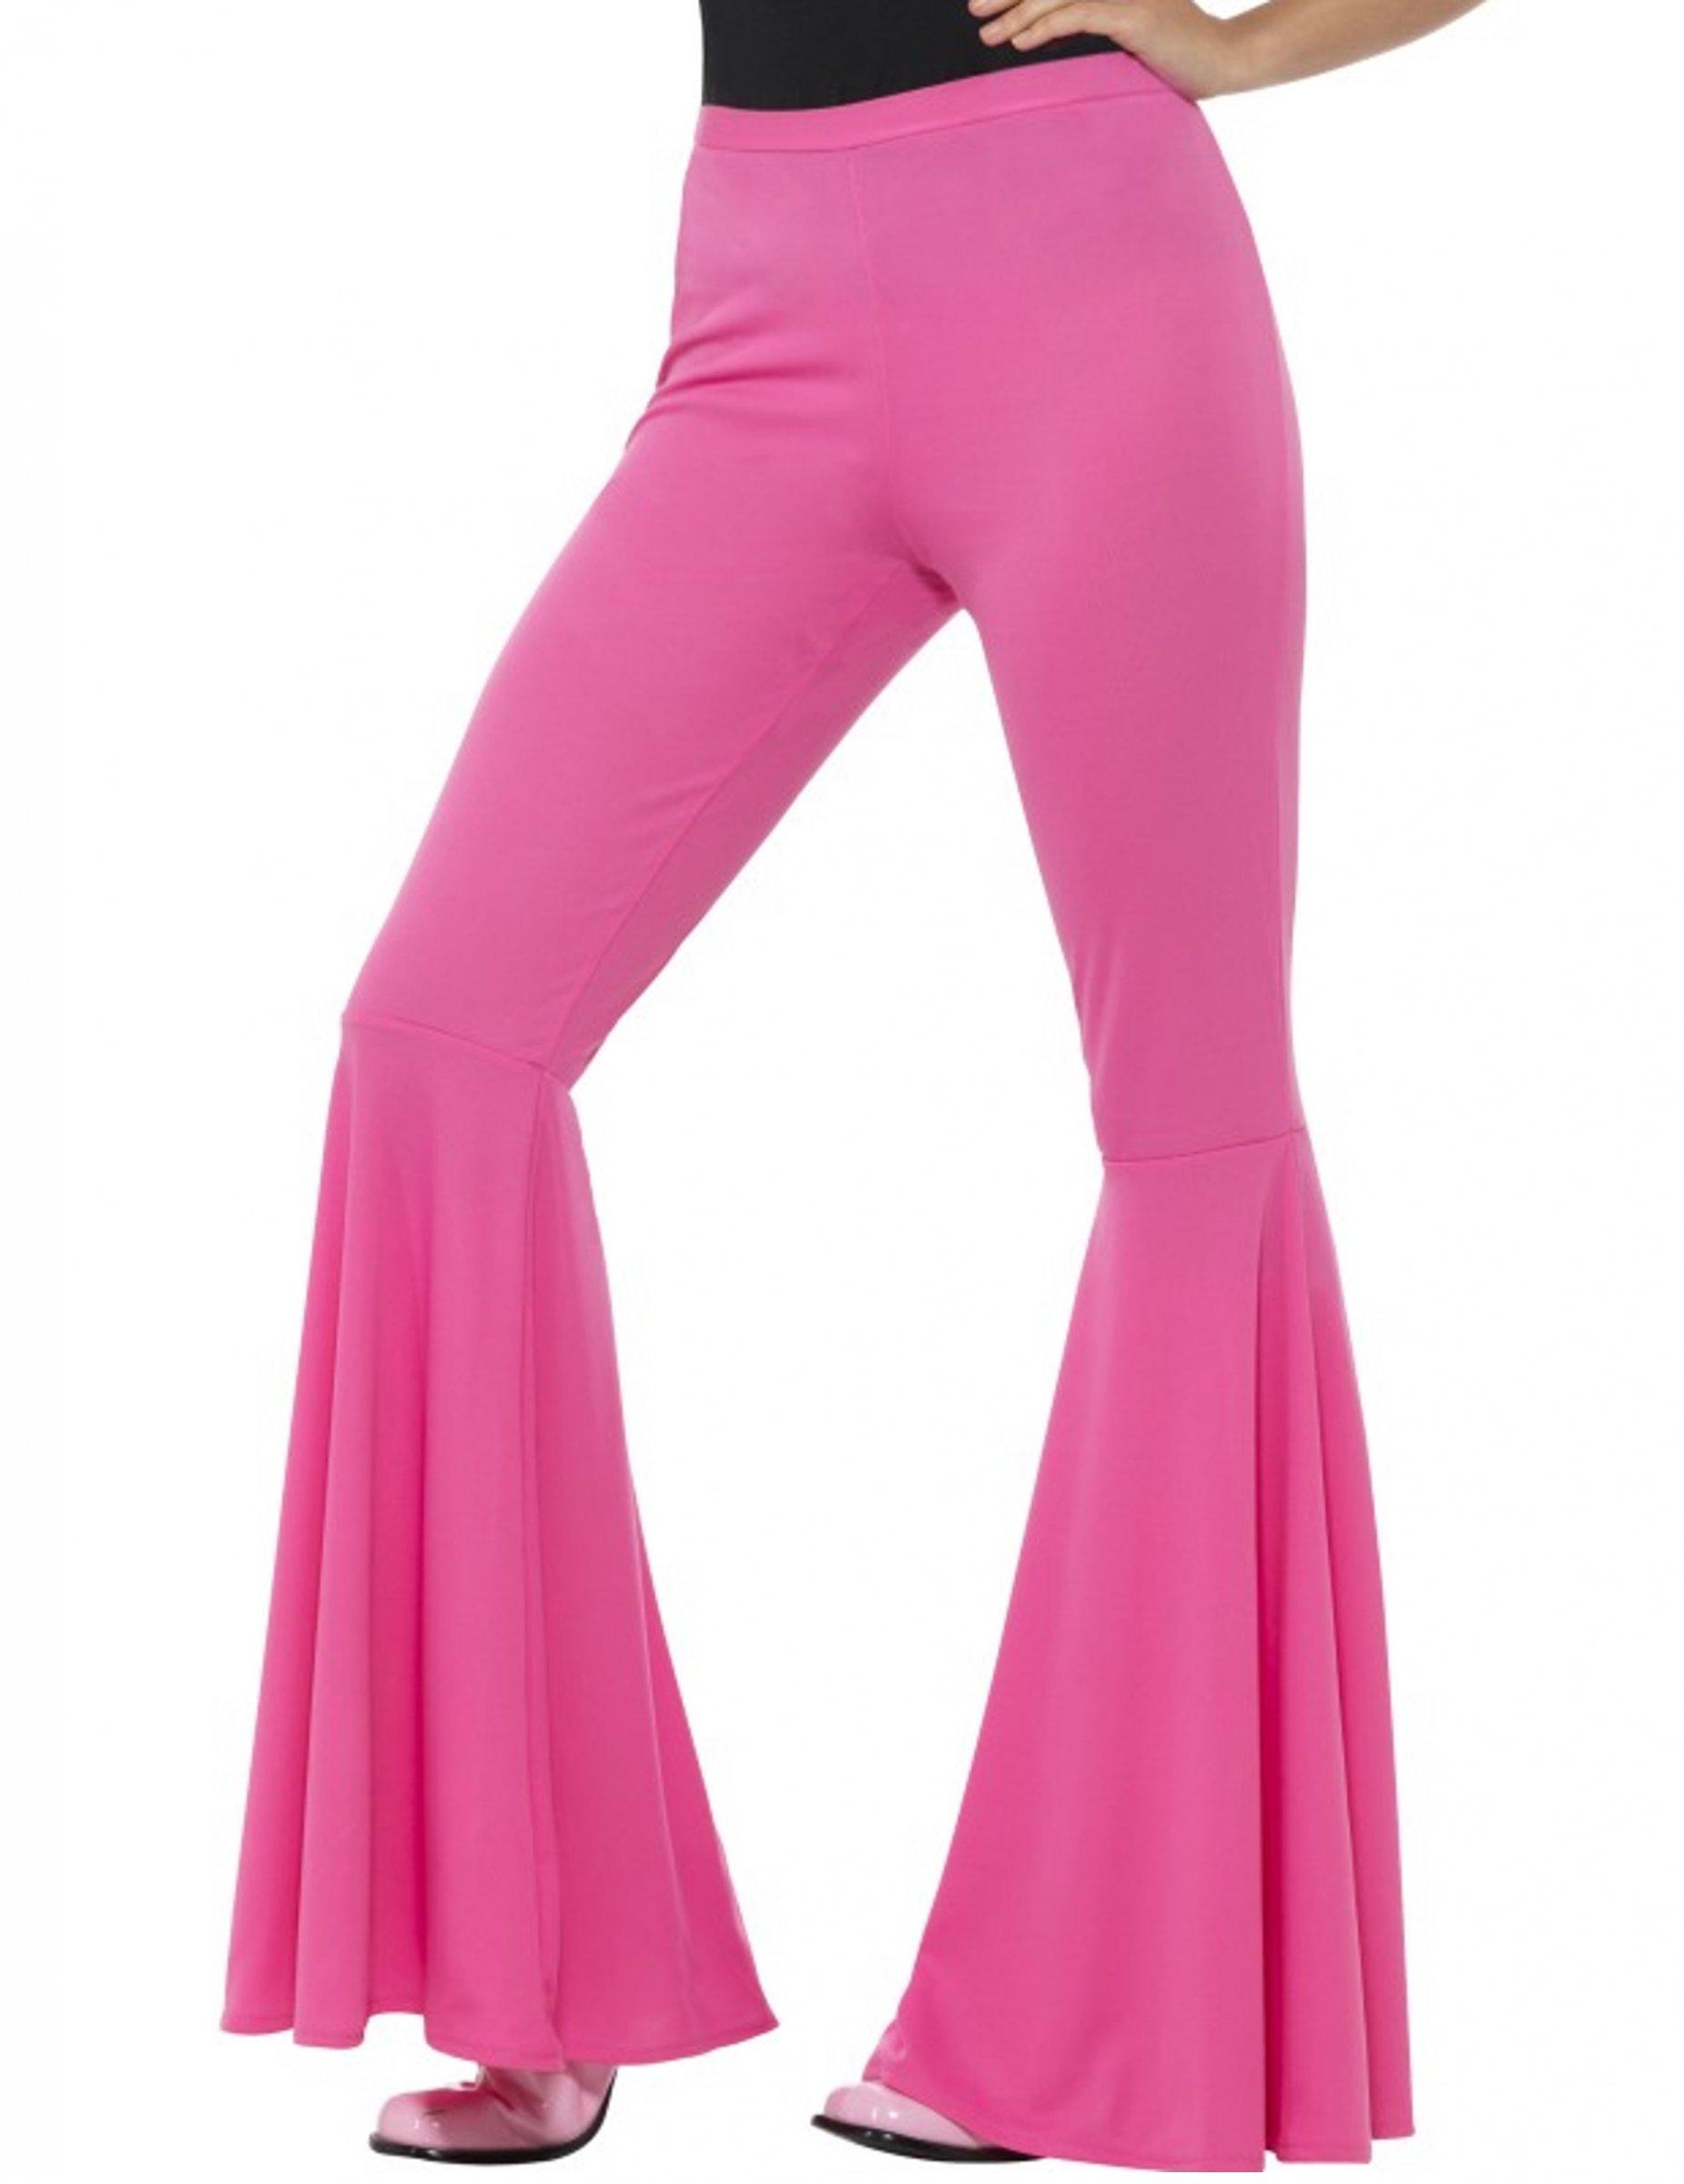 70er disco damen stretch schlaghose rosa g nstige faschings kost me bei karneval megastore. Black Bedroom Furniture Sets. Home Design Ideas